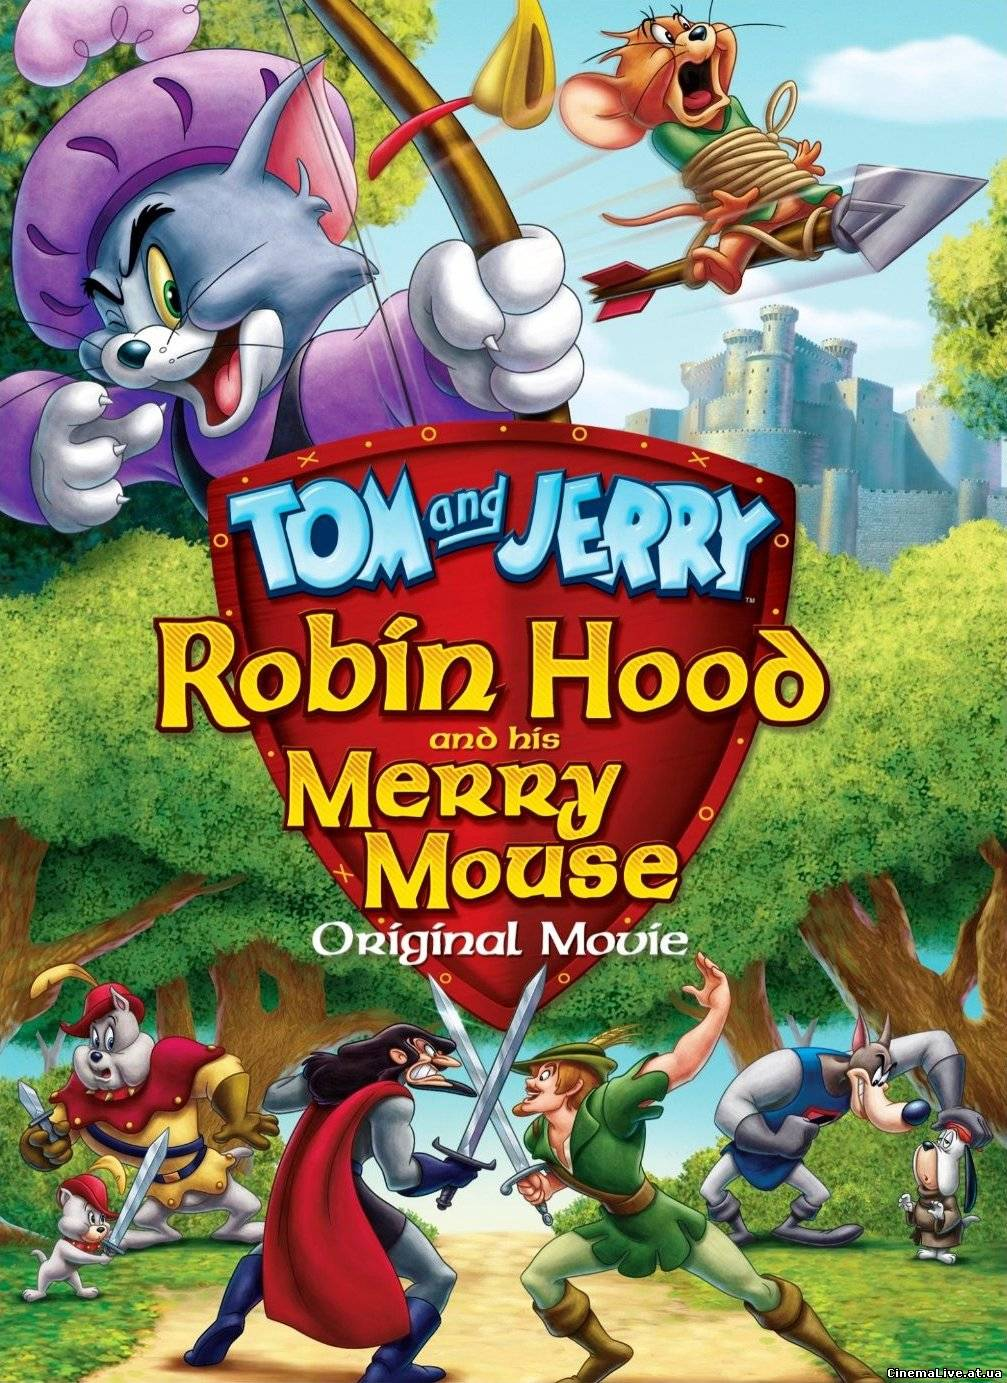 Том и джерри робин гуд и мышь весельчак 7 фотография